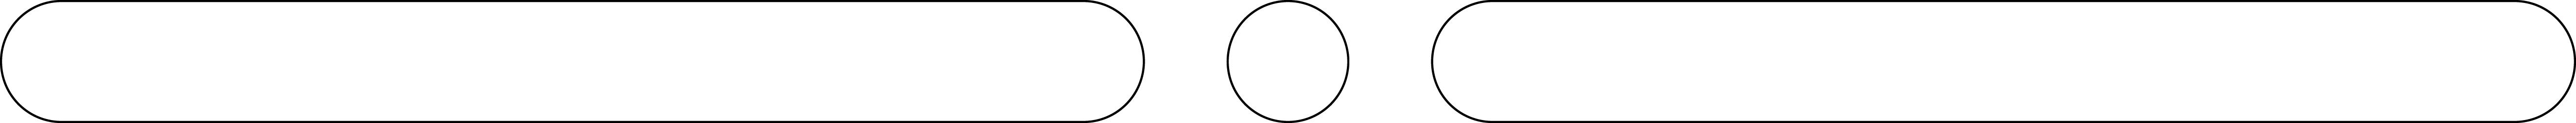 KF pres_backgr Circles clean 02